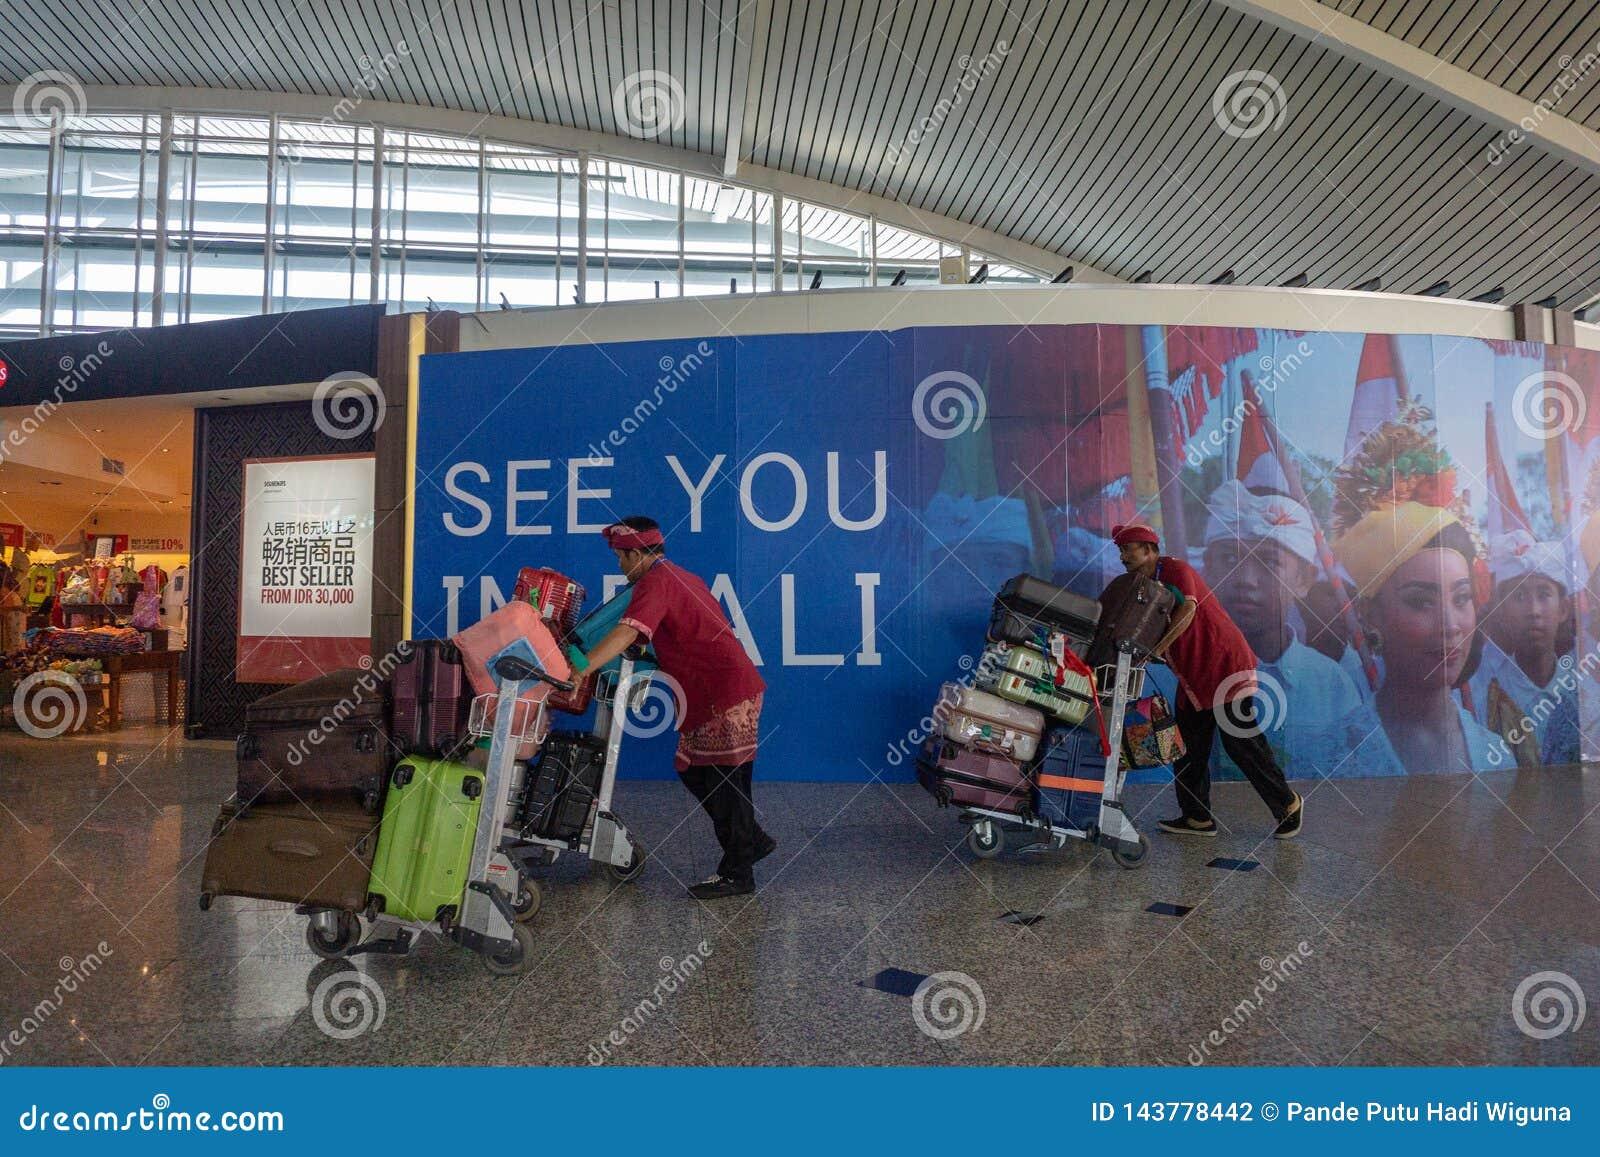 BADUNG, BALI/INDONESIA- 25 de junio de 2018: Los porteros traen las maletas del pasajero al terminal de la salida